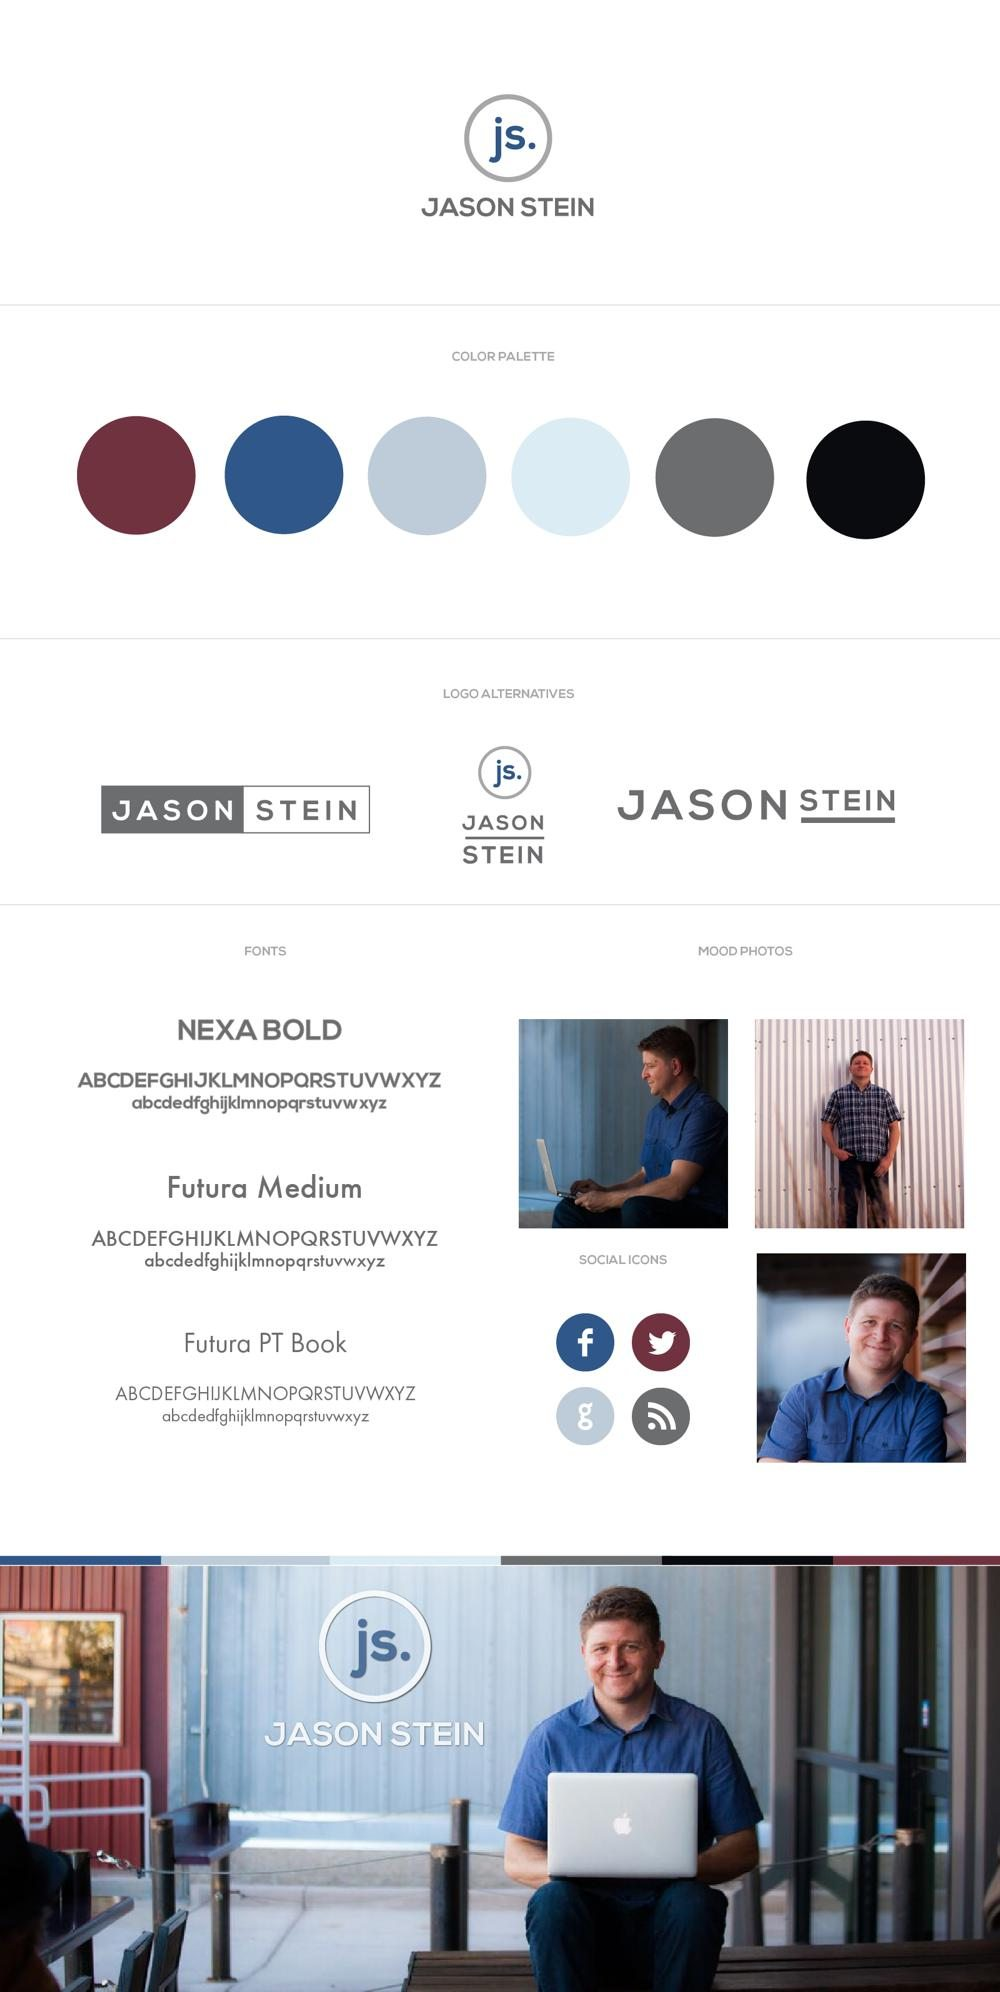 Jason Stein Identity Design RKA ink